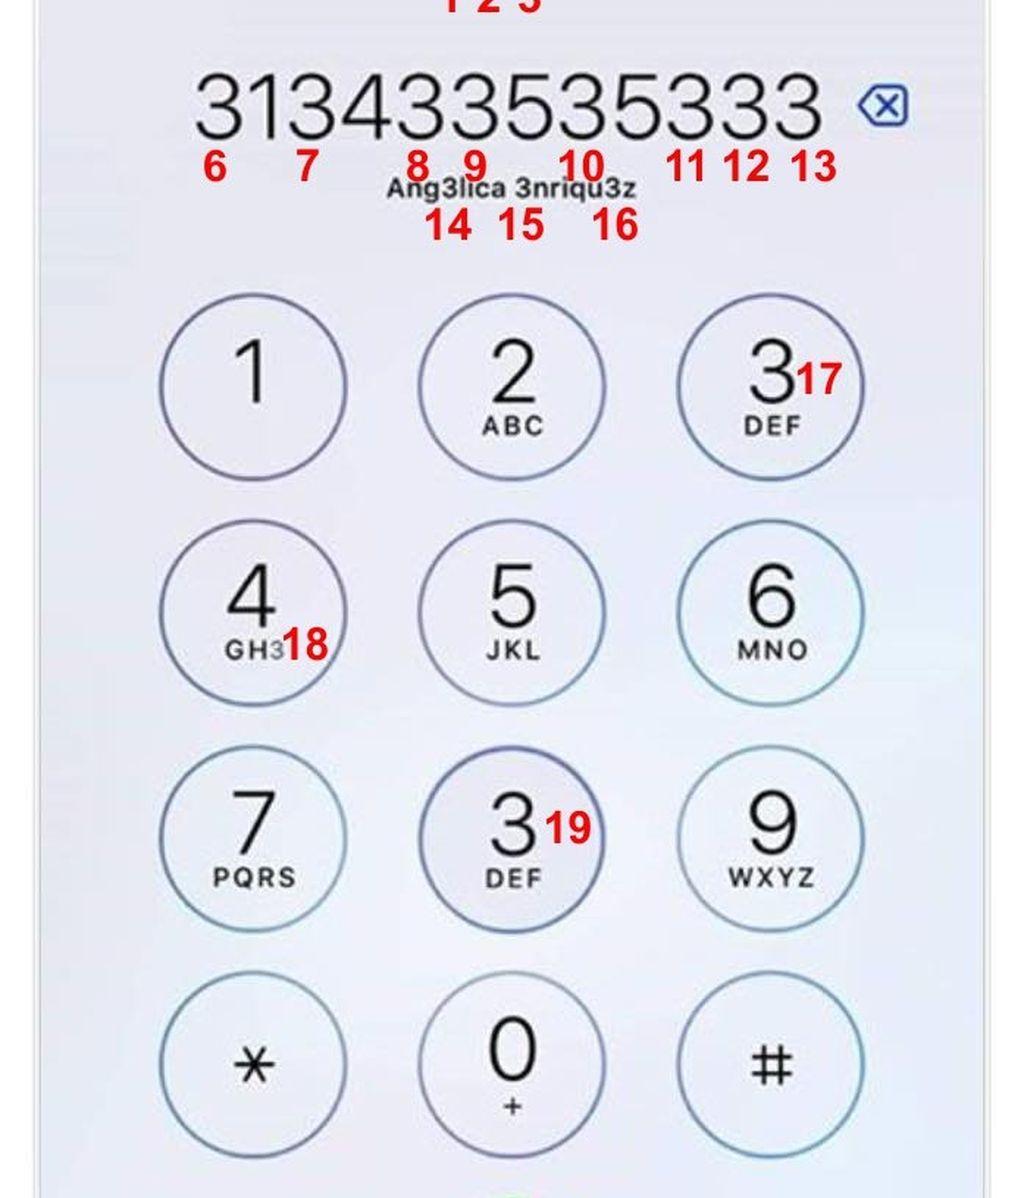 Solución del acertijo de los números